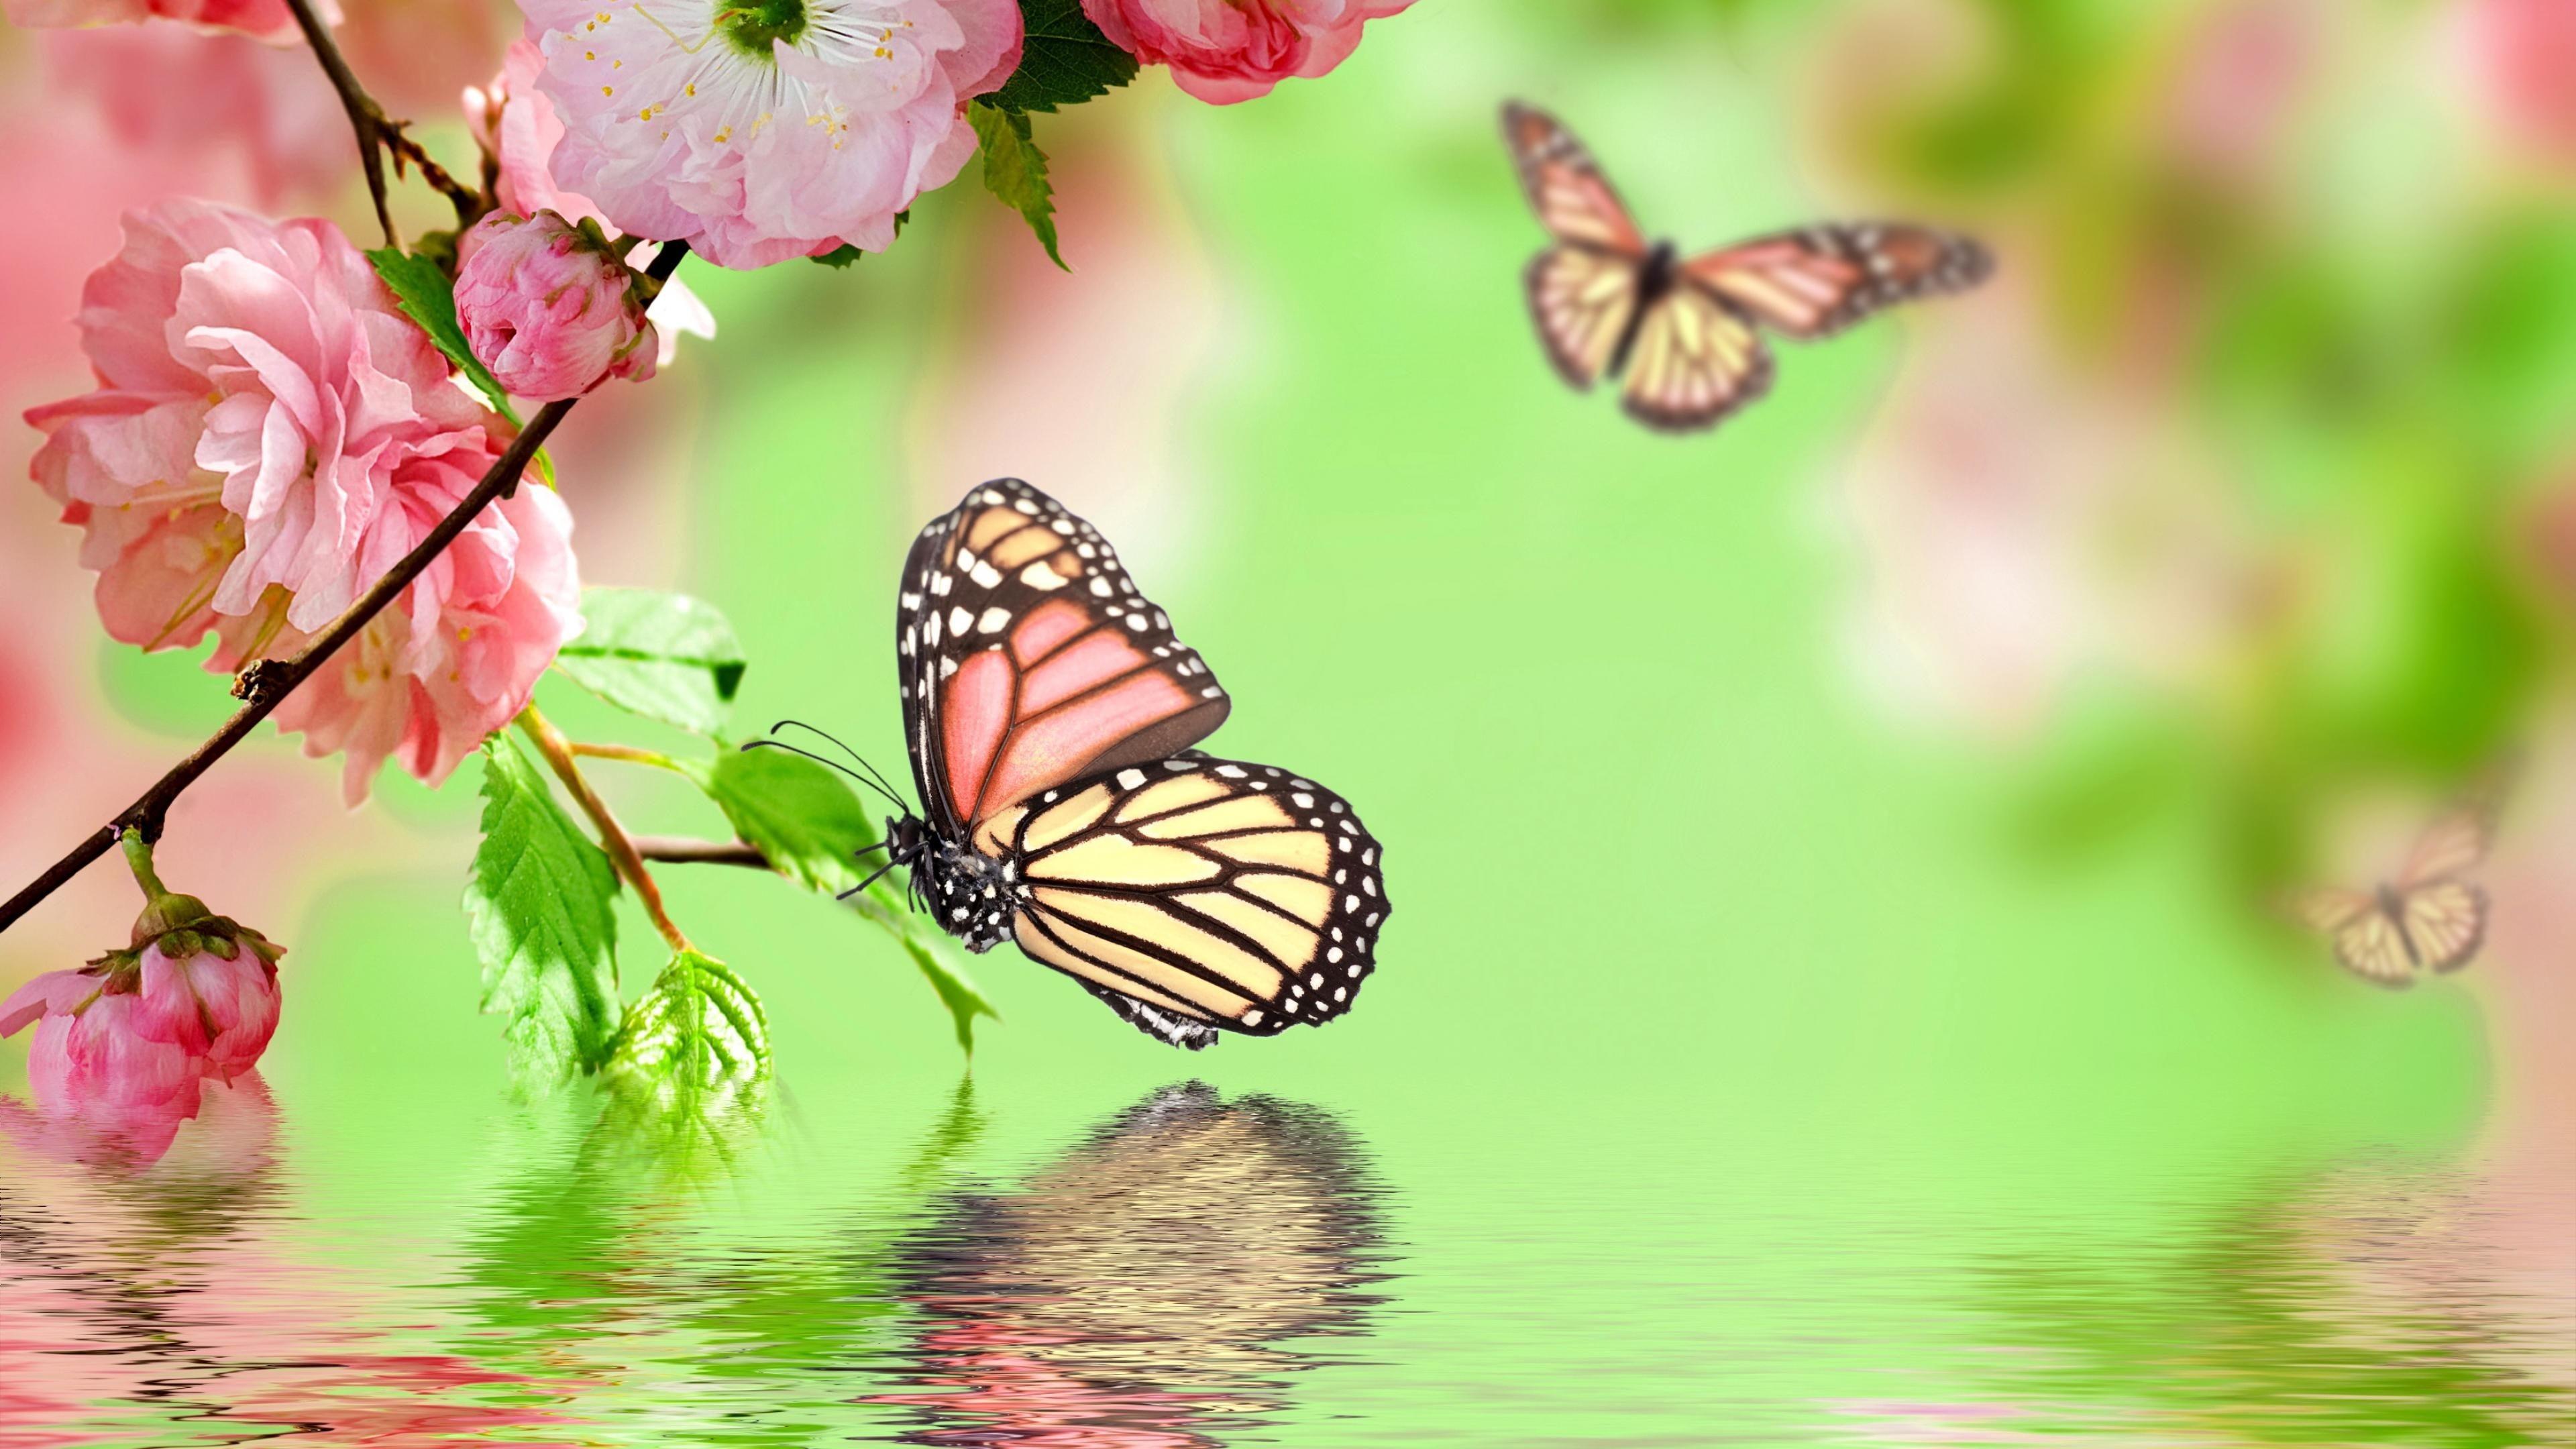 Wonderful Wallpaper Home Screen Butterfly - 612497-cool-wallpaper-butterflies-3840x2160  HD_659766.jpg